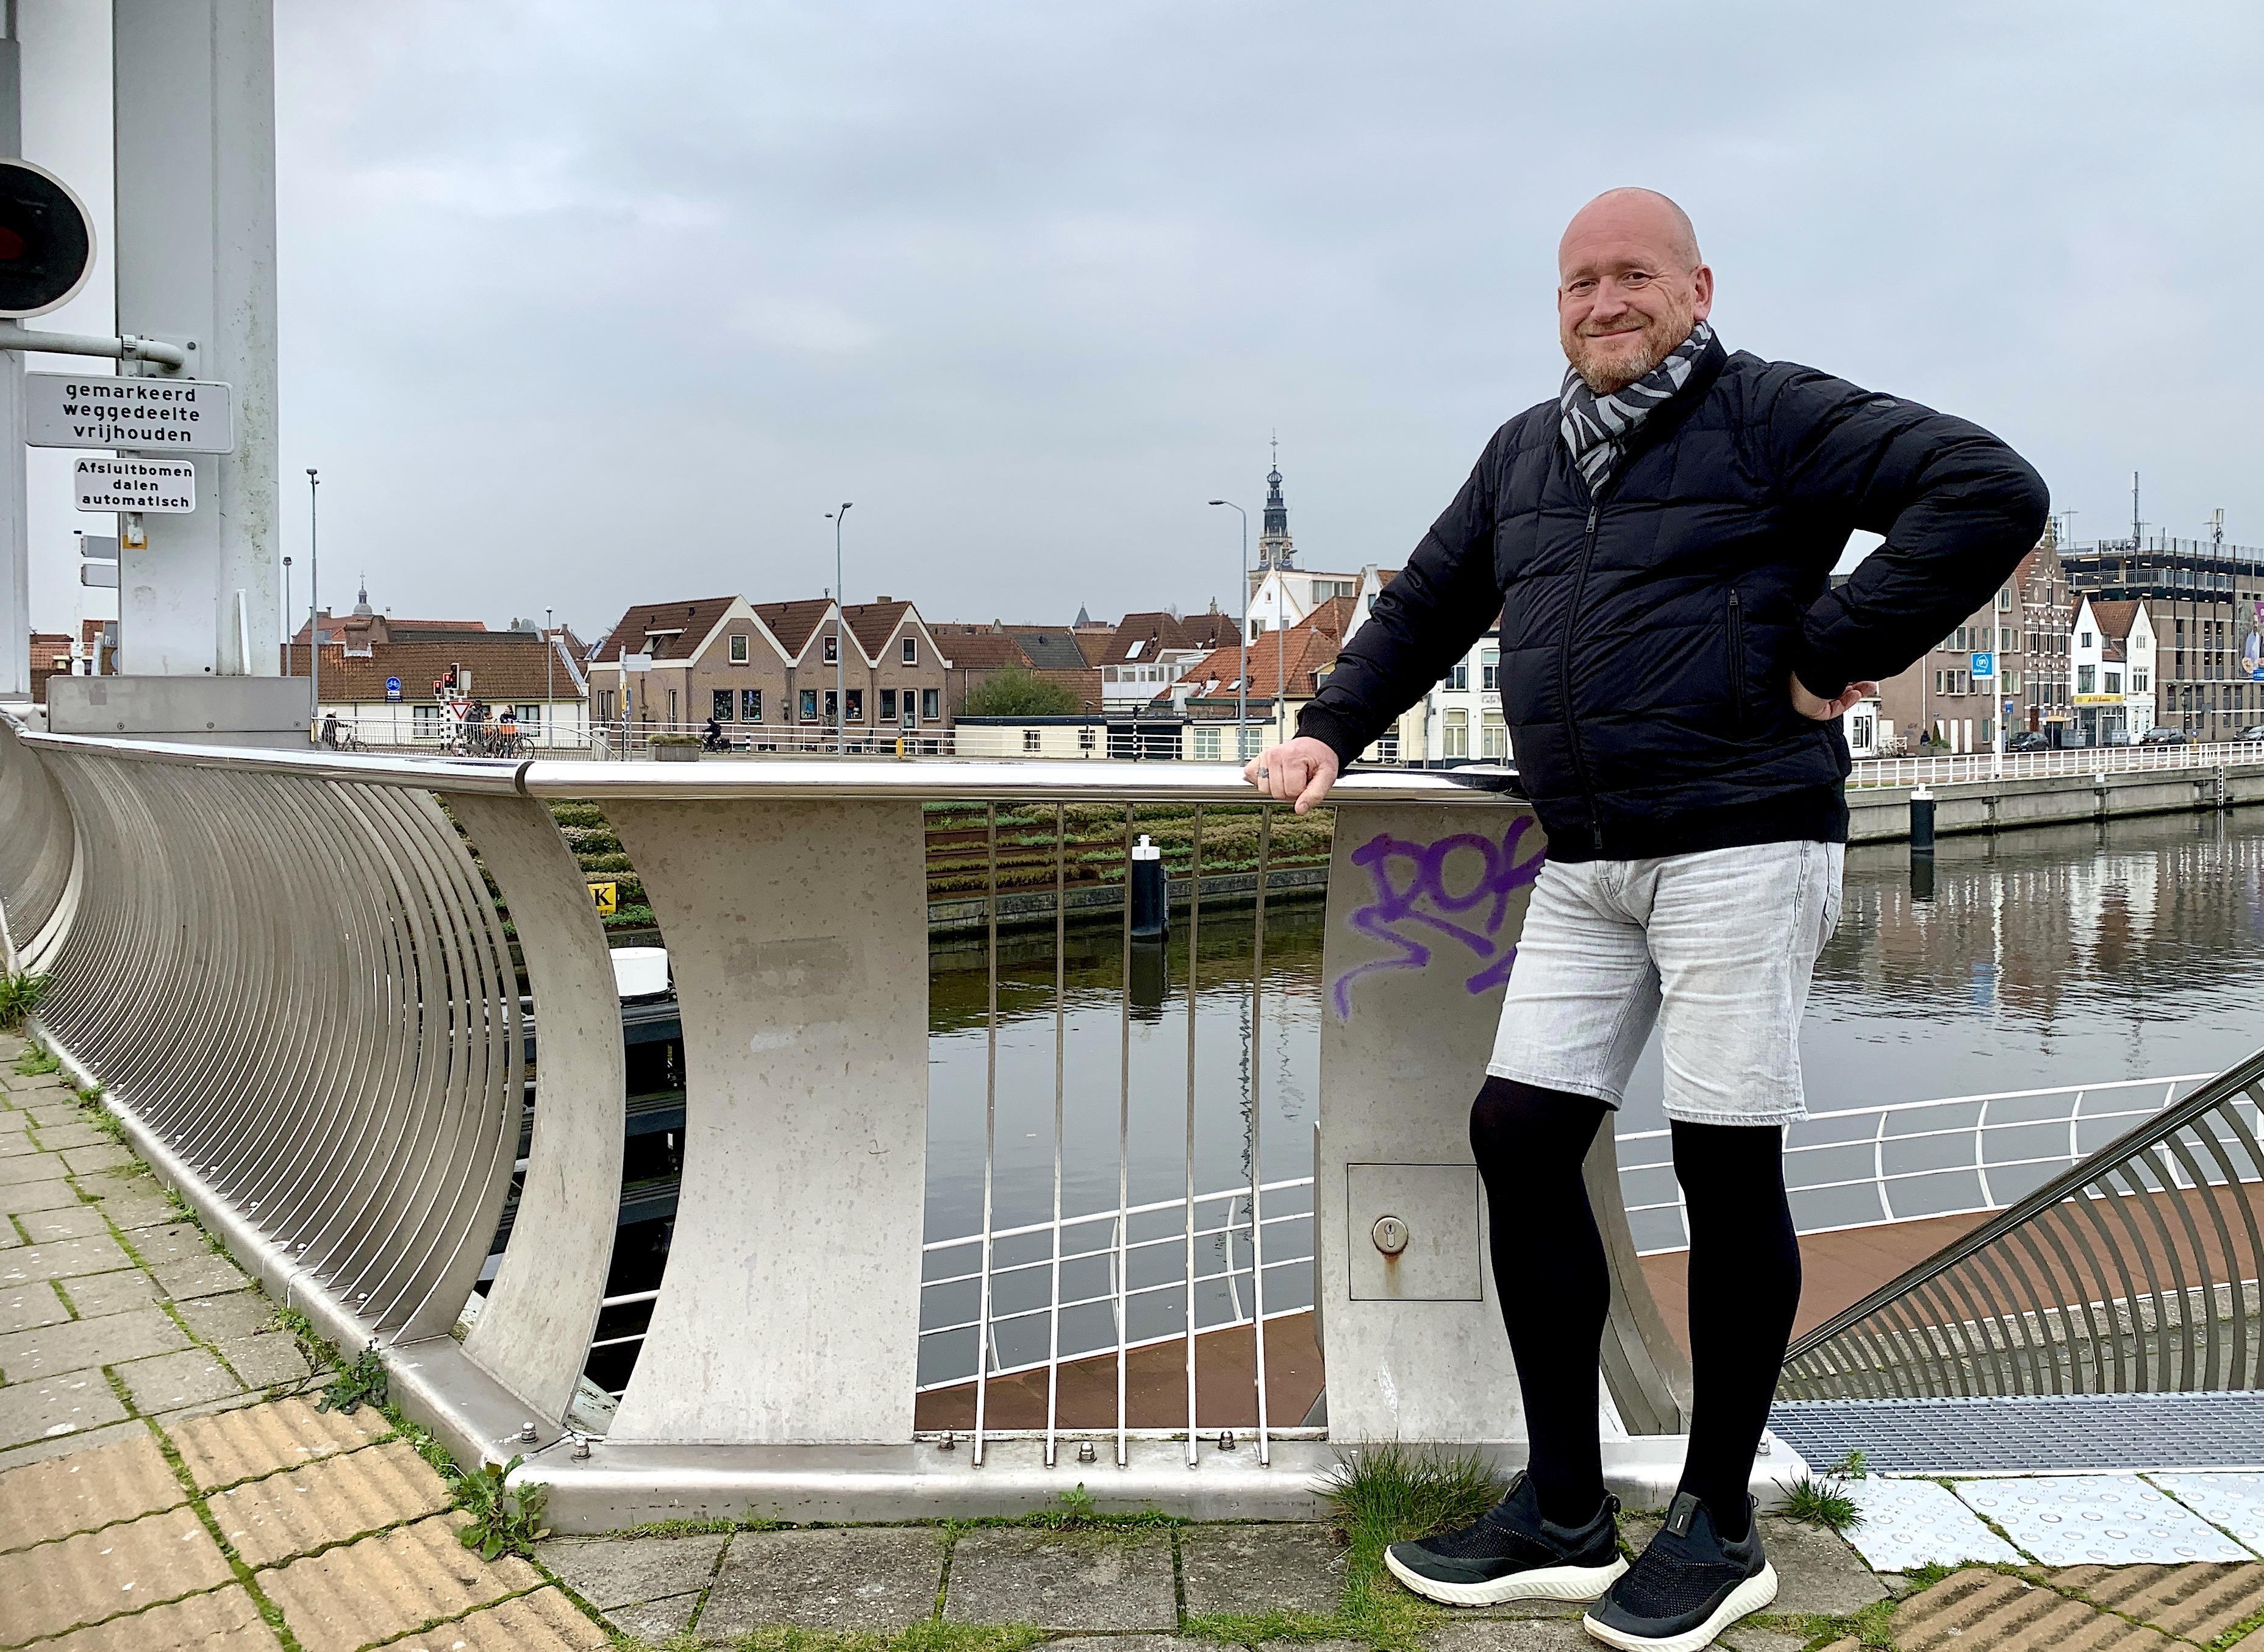 Onderweg: Alkmaarder Marcel Govaars (57) heeft een dik medisch dossier. De frustraties daarover kan hij kwijt in de gedichten op z'n blog. Recent zijn ze - in eigen beheer - gebundeld onder de titel 't Is wat 't is'.